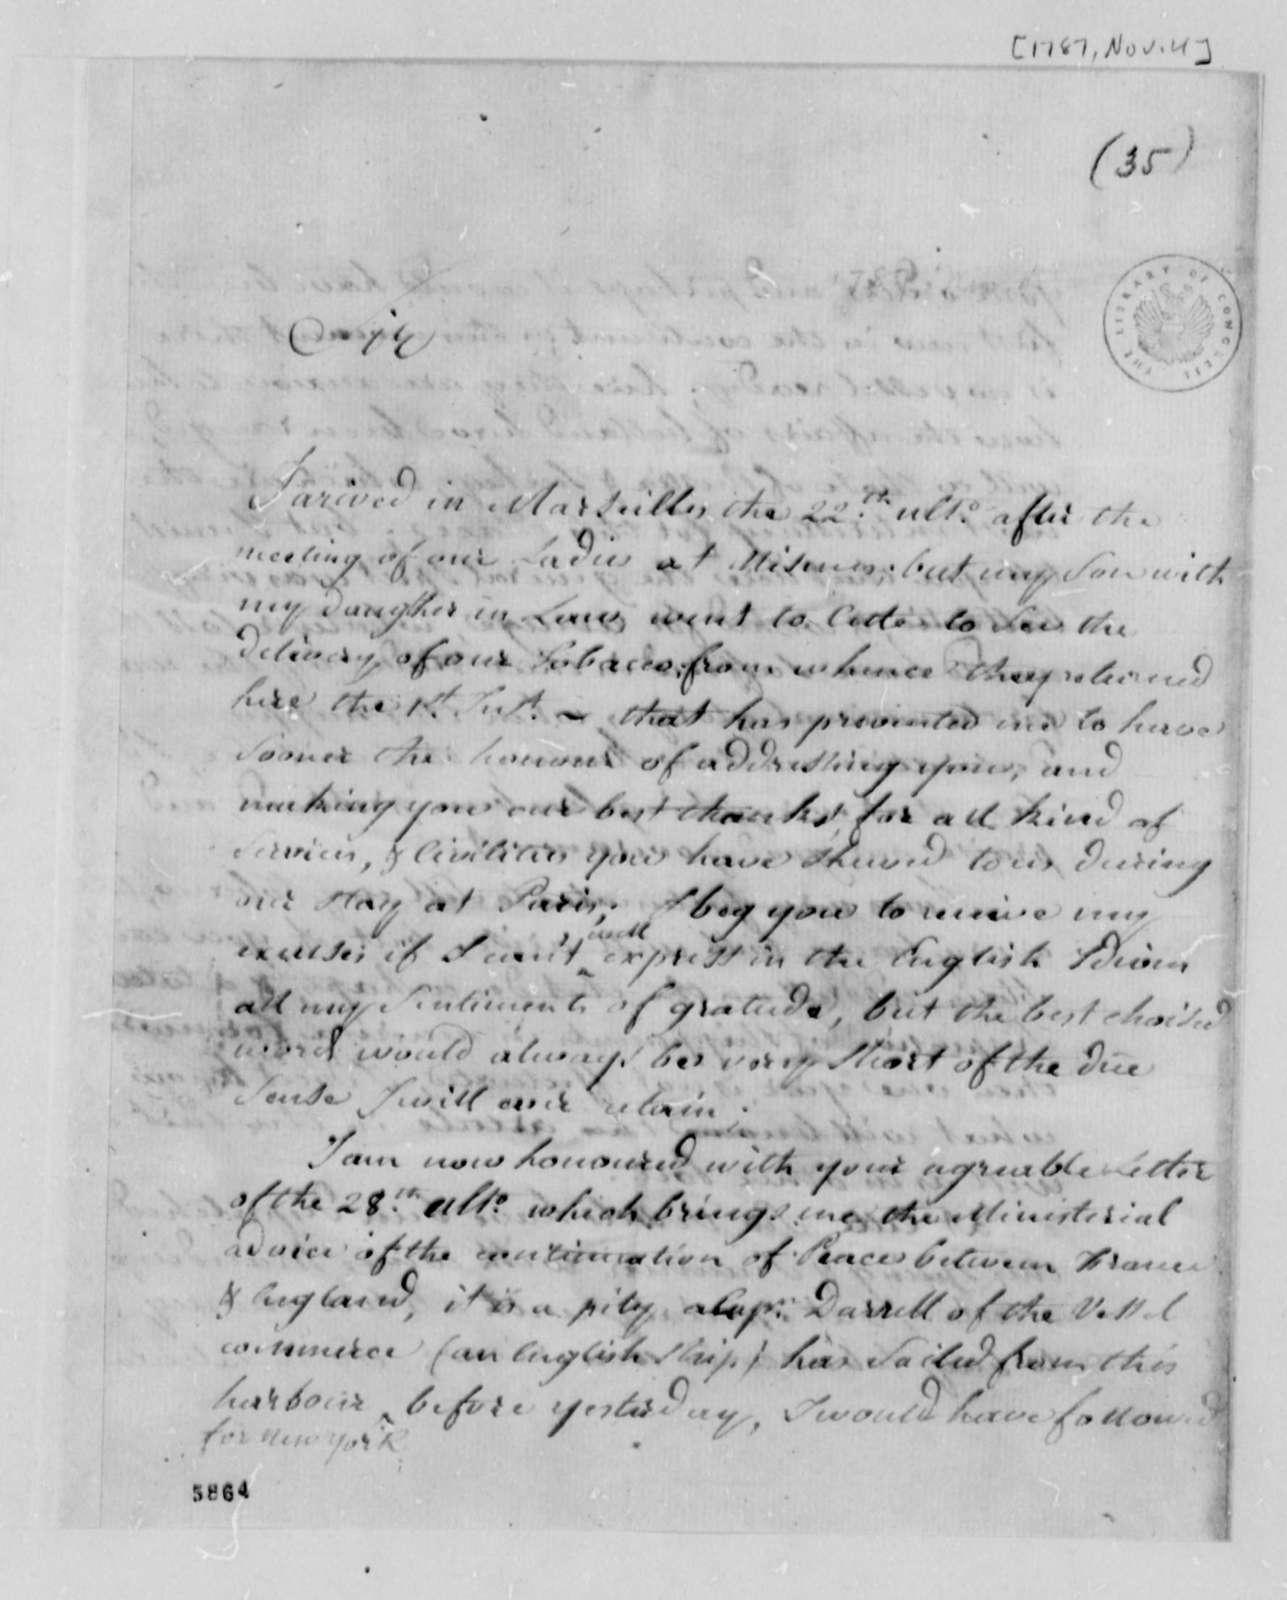 Stephen Cathalan, Sr. to Thomas Jefferson, November 4, 1787